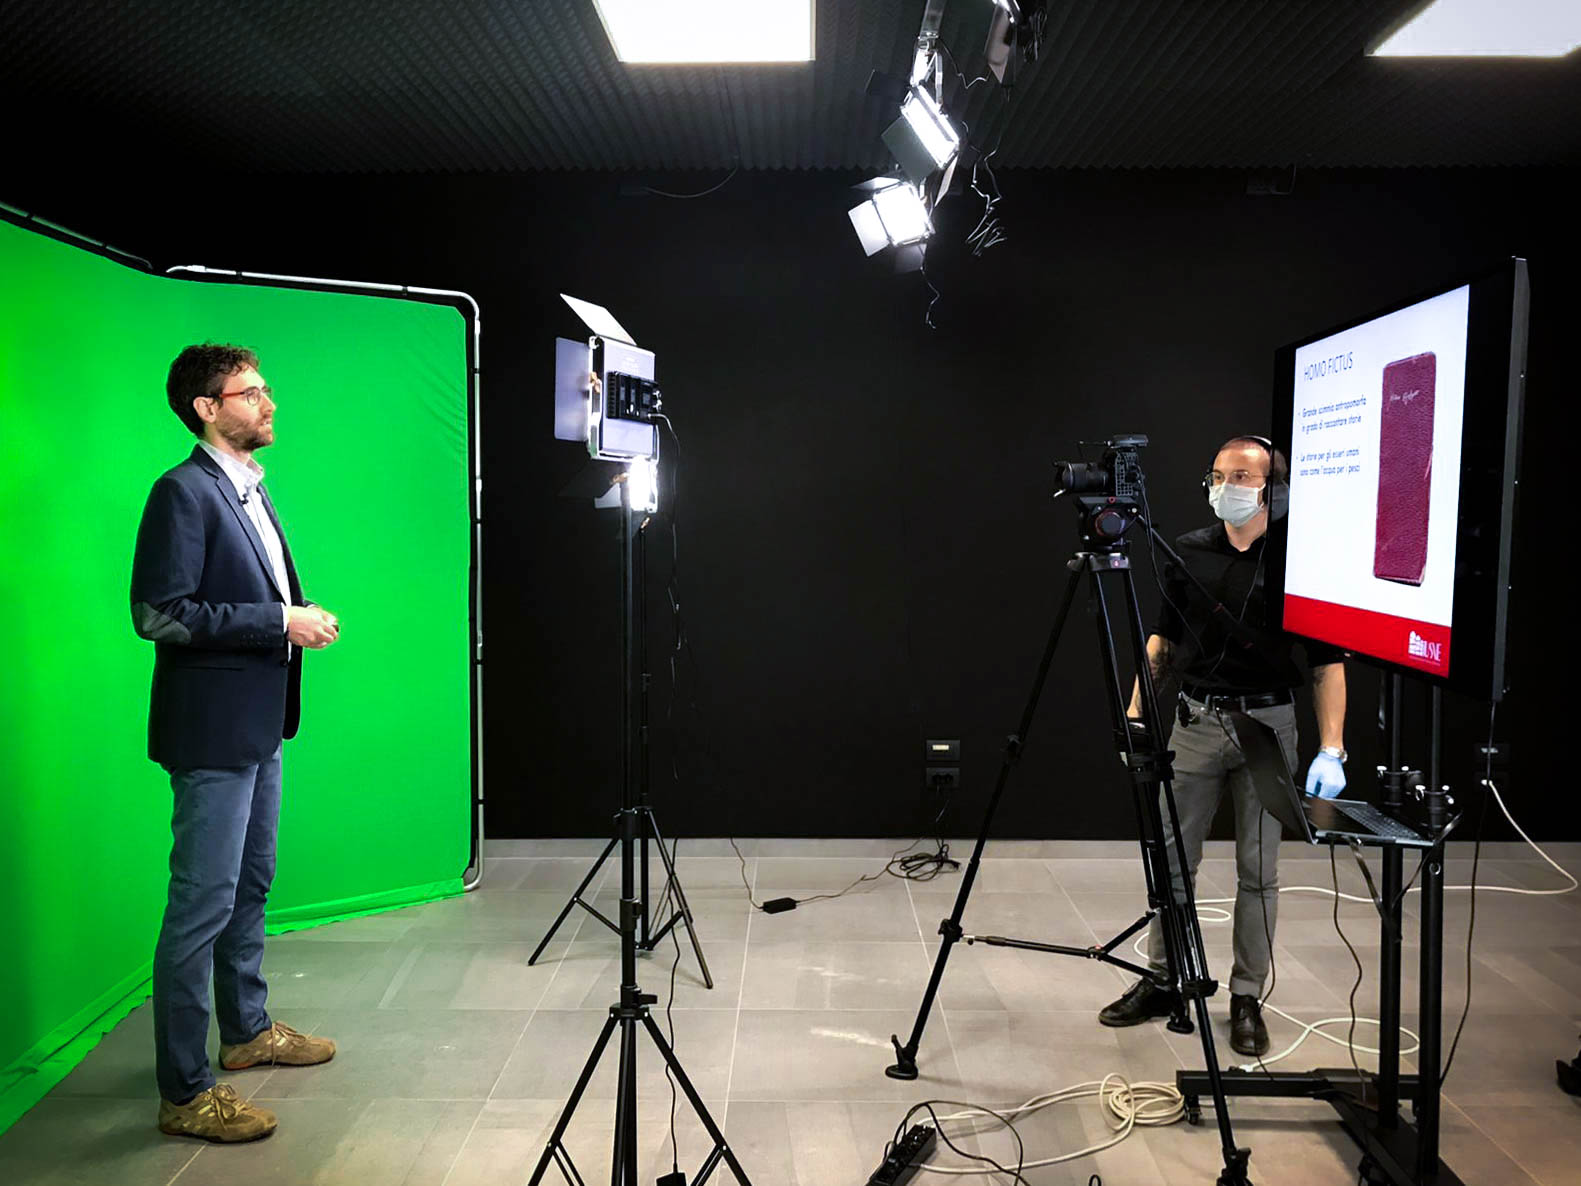 Prosegue la produzione dei contenuti multimediali per l'apprendimento a distanza